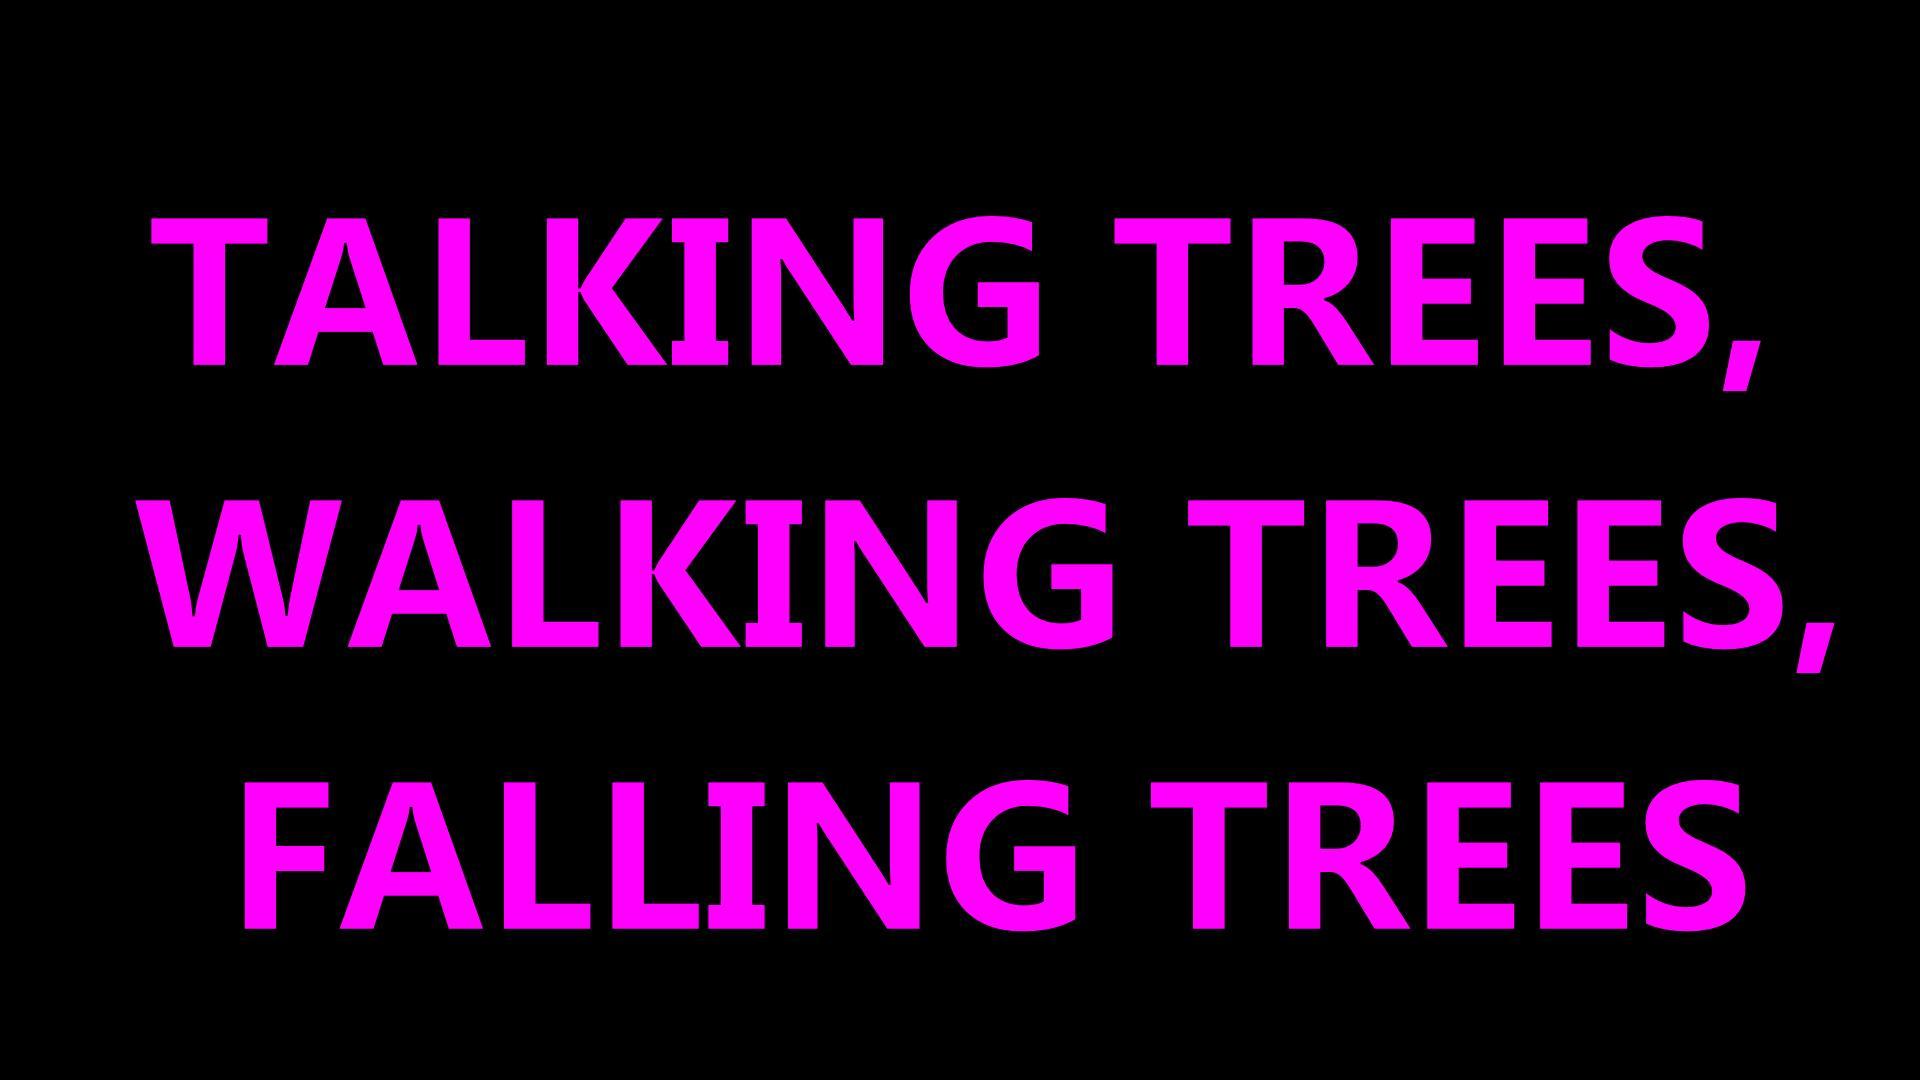 TALKING TREES, WALKING TREES, FALLEN TREES